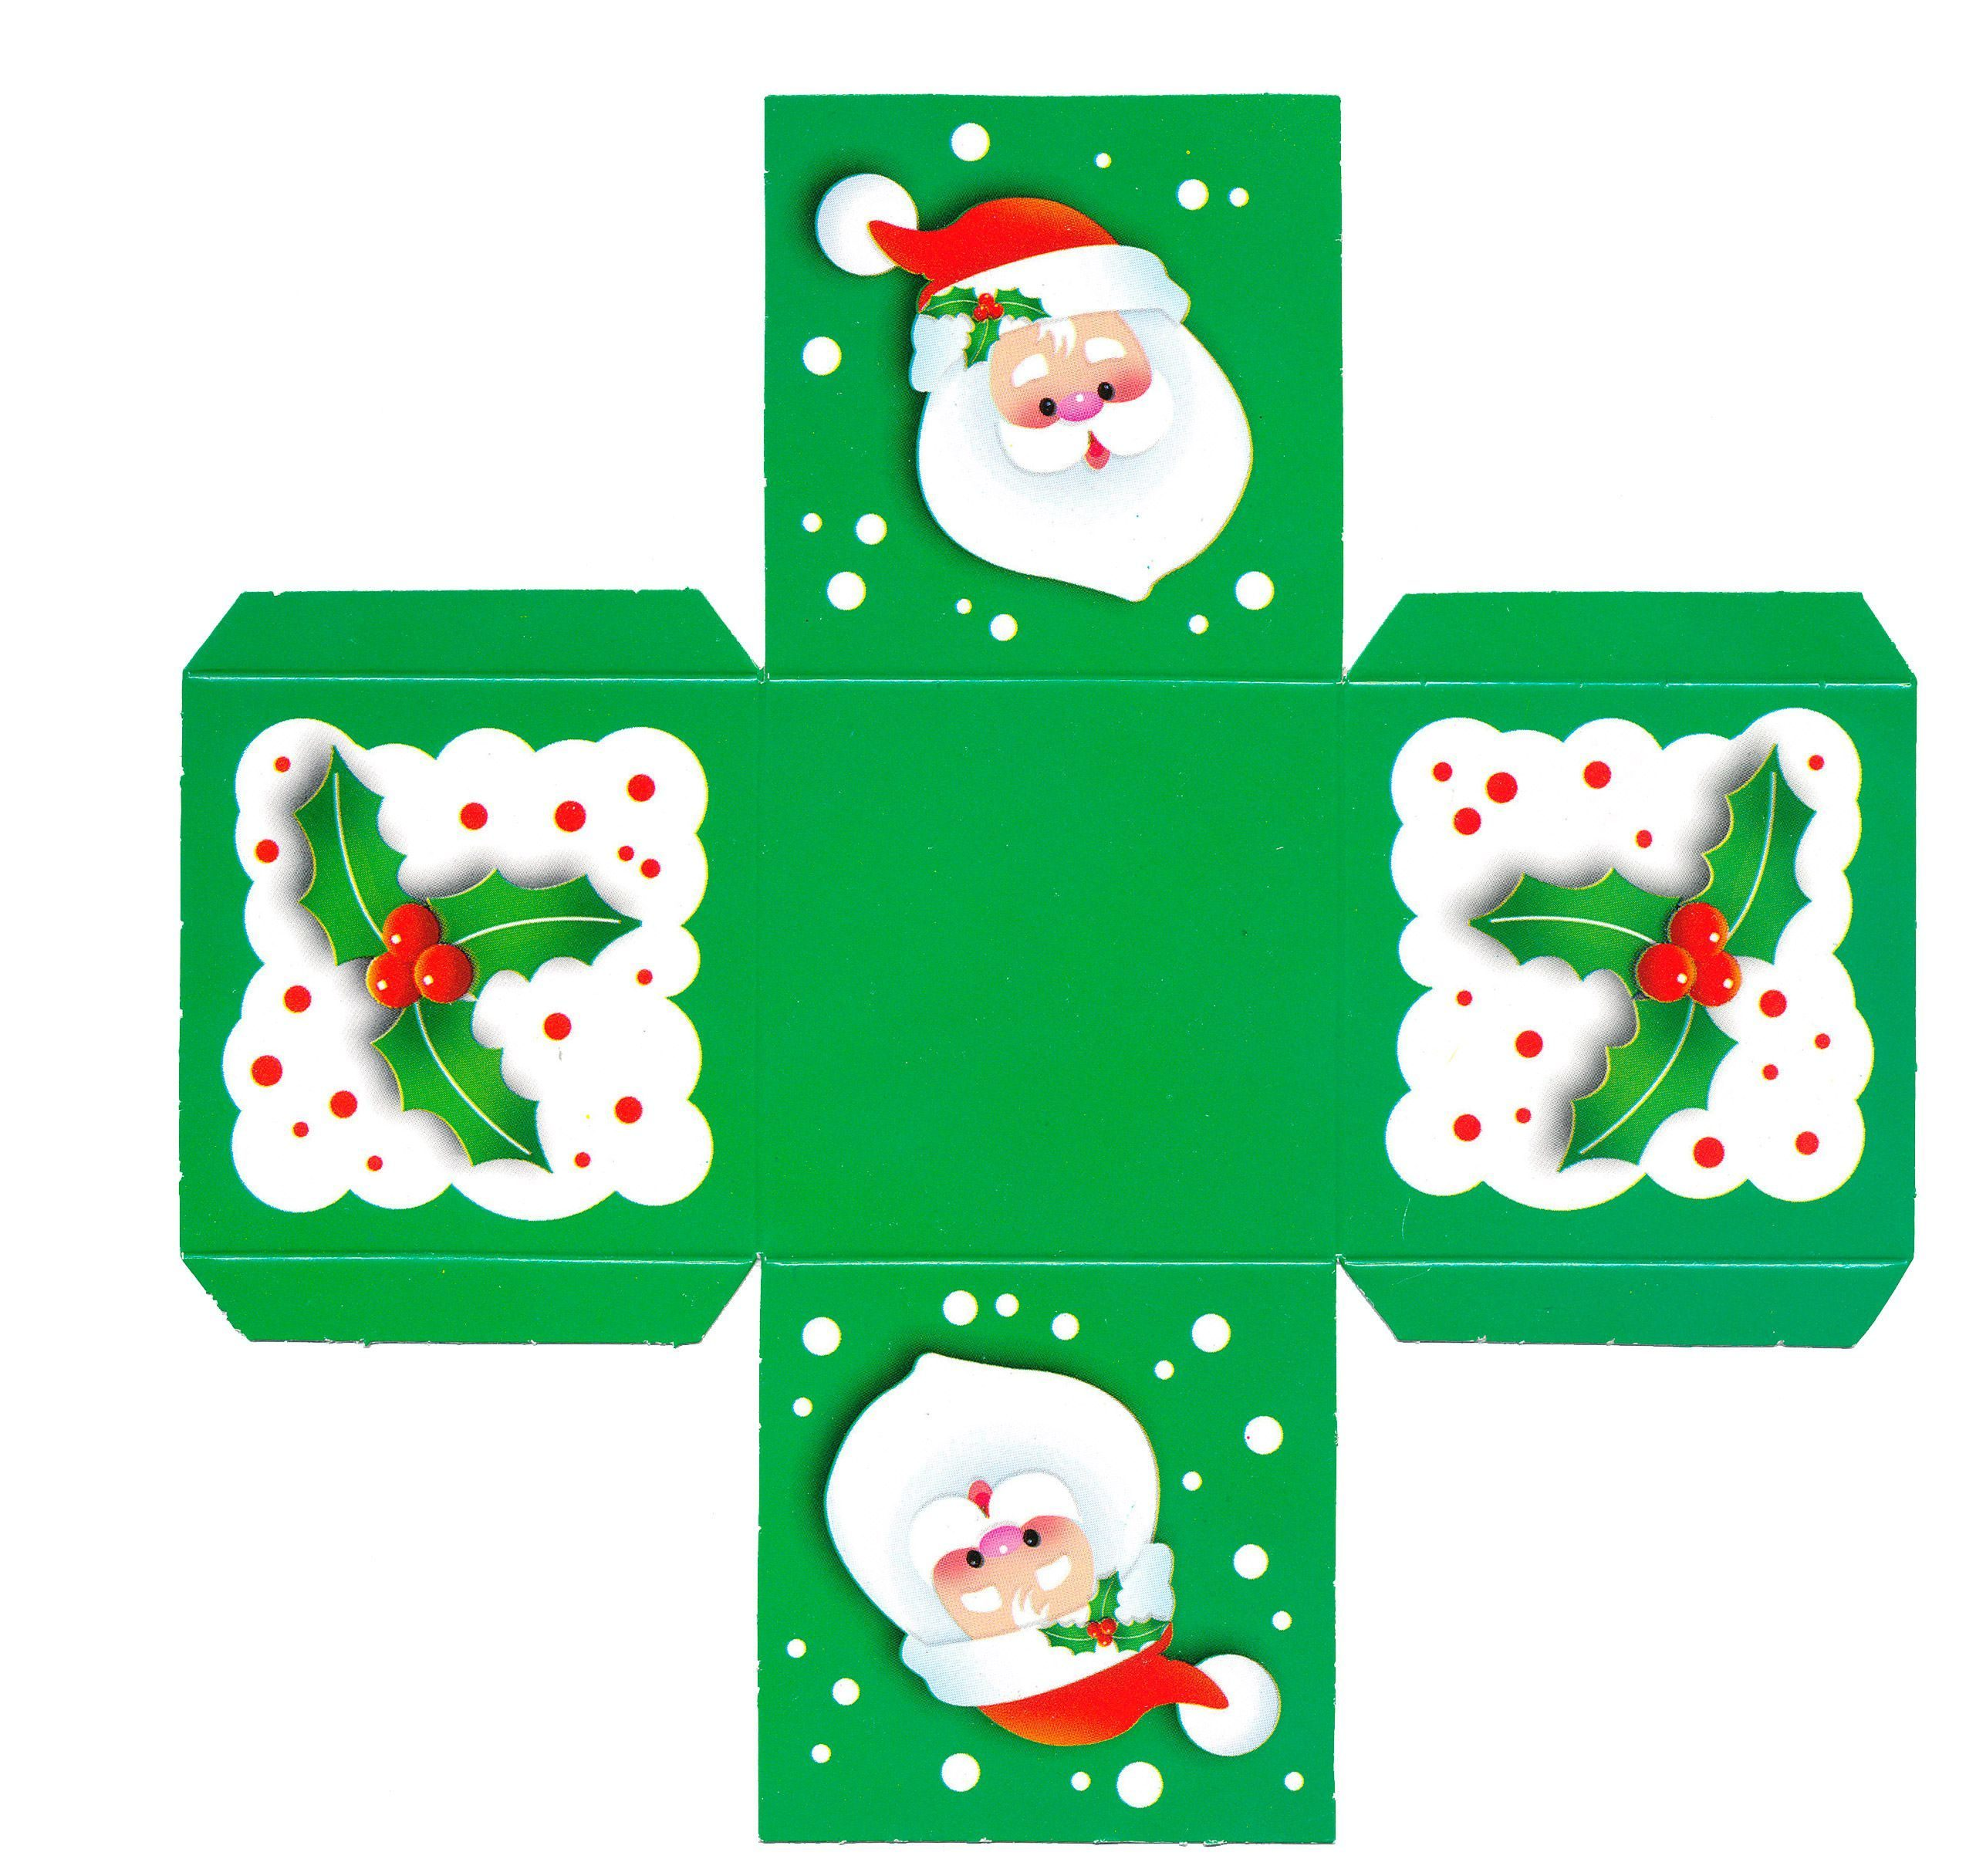 Выкройка для распечатки новогодней коробочки из бумаги